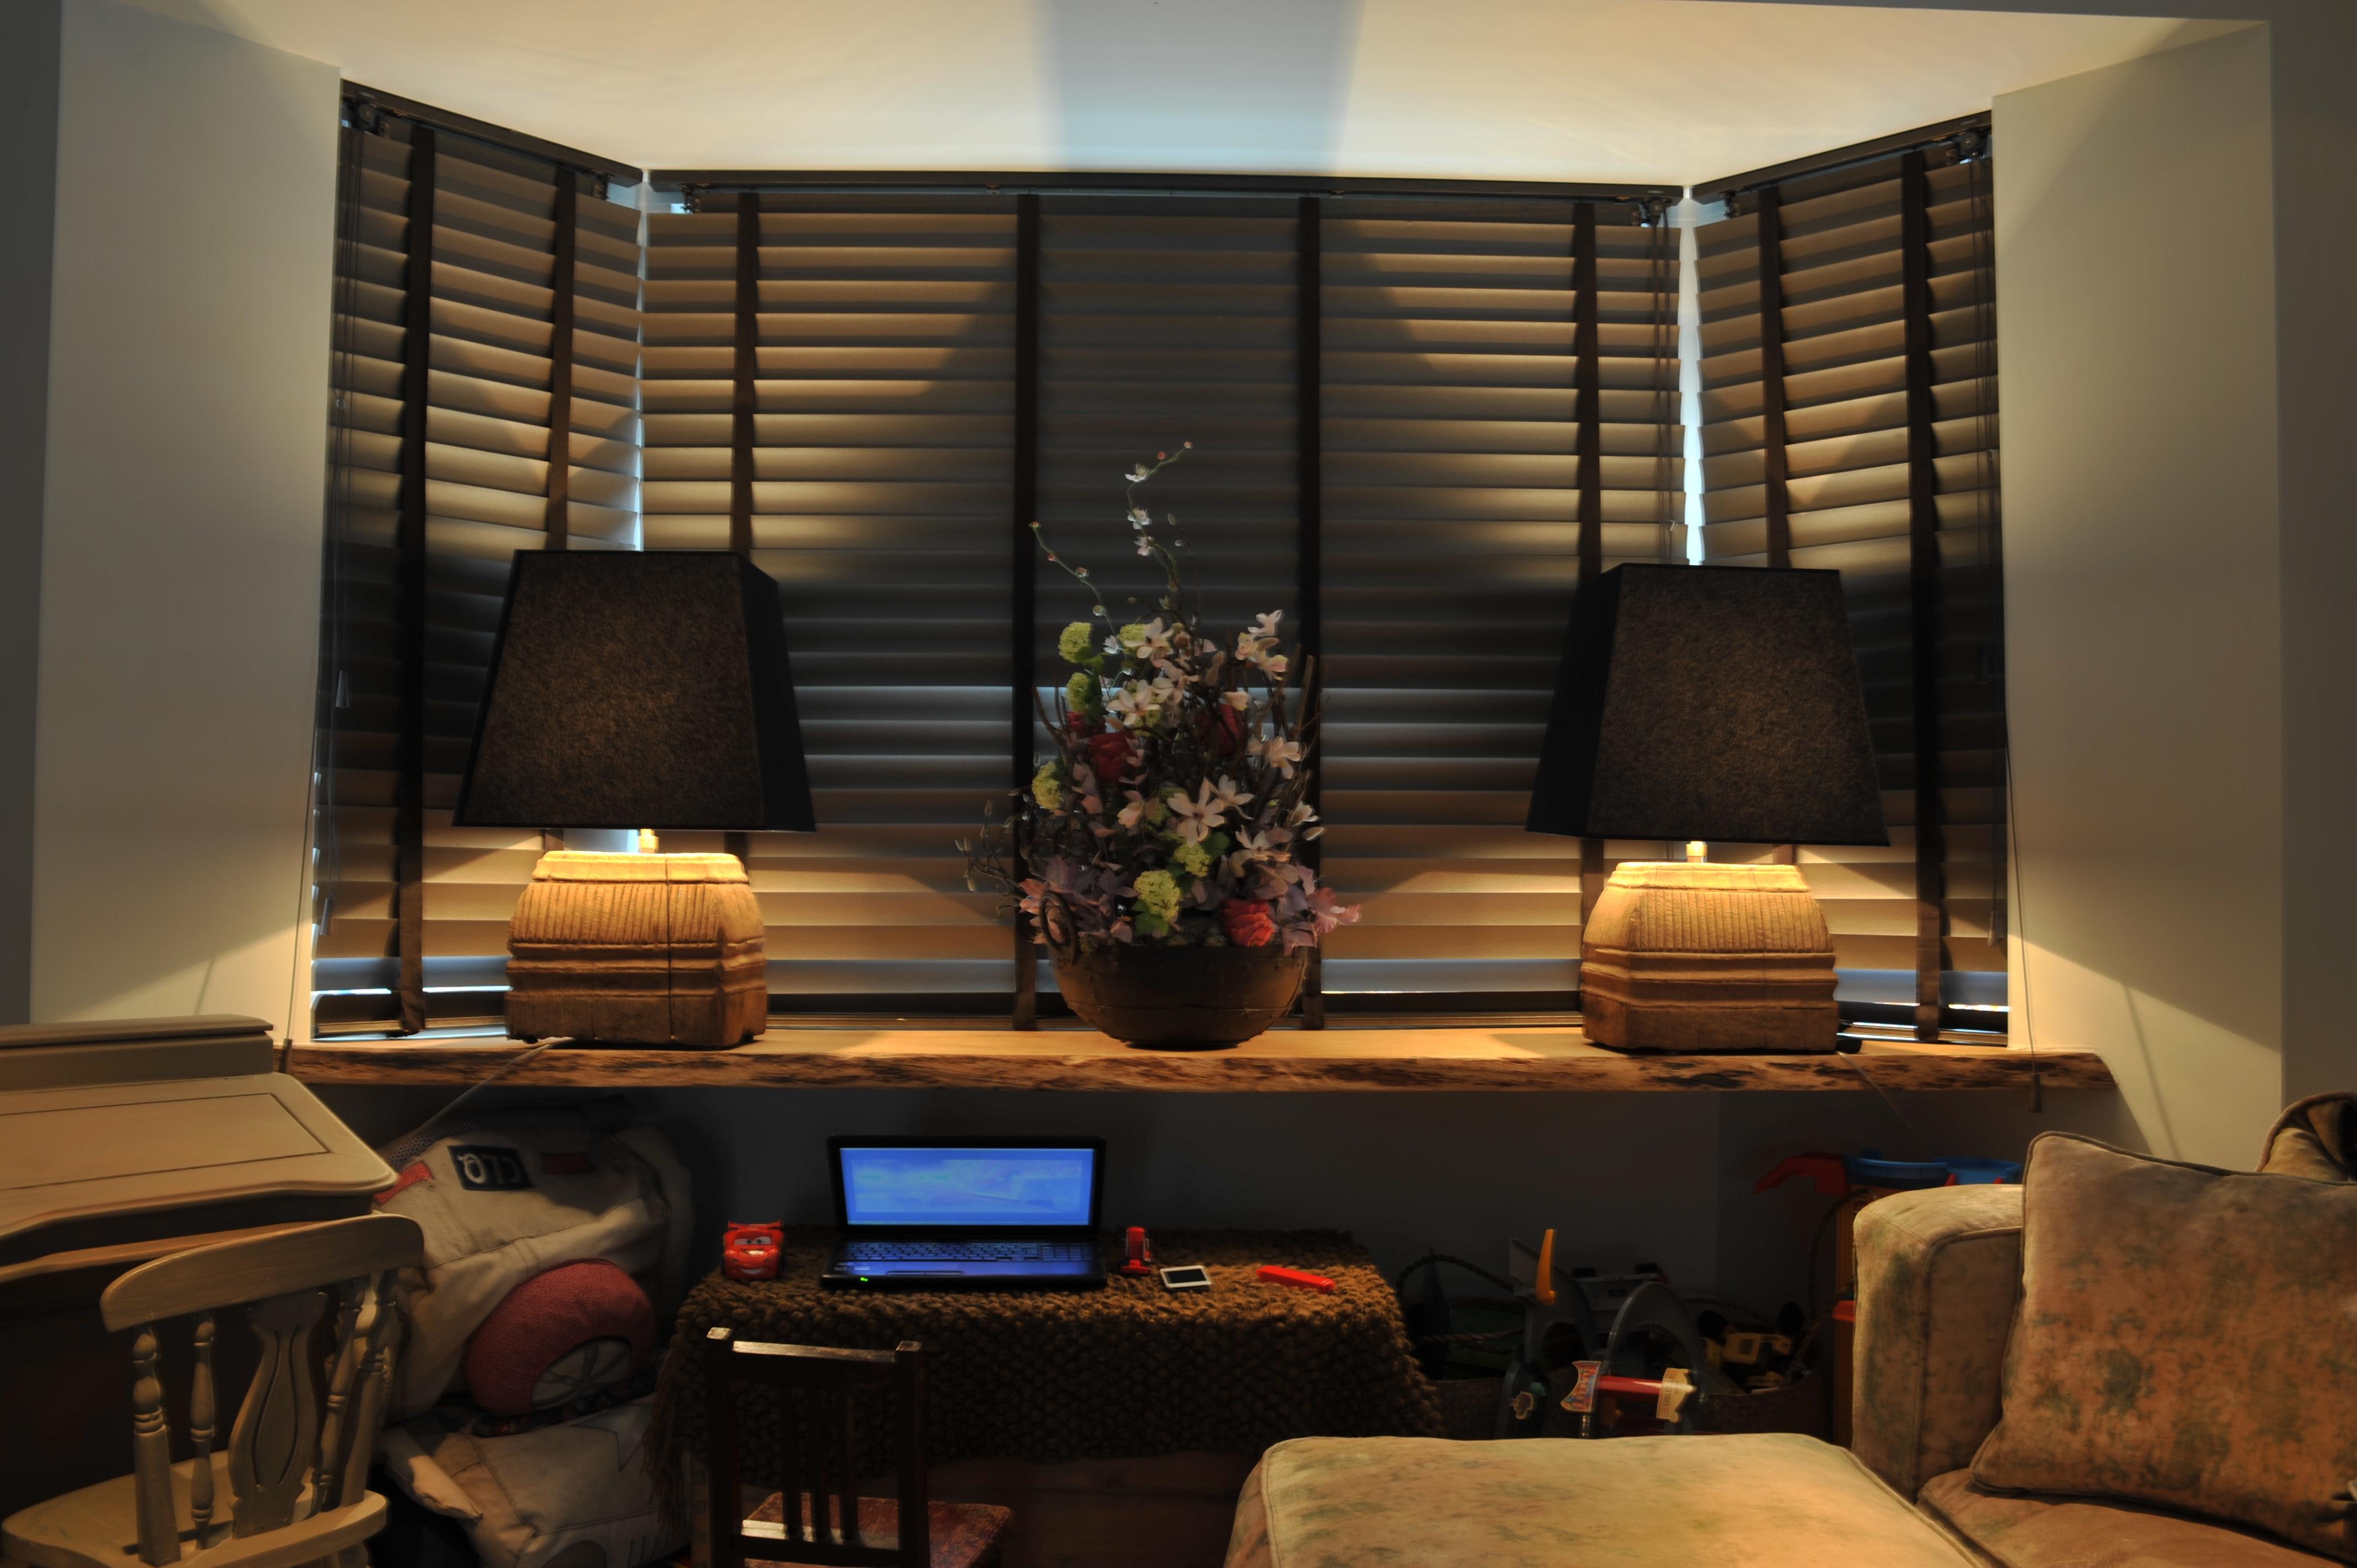 Houten vensterbanken of venstertabletten timmerwerk for Vensterbank decoratie hout